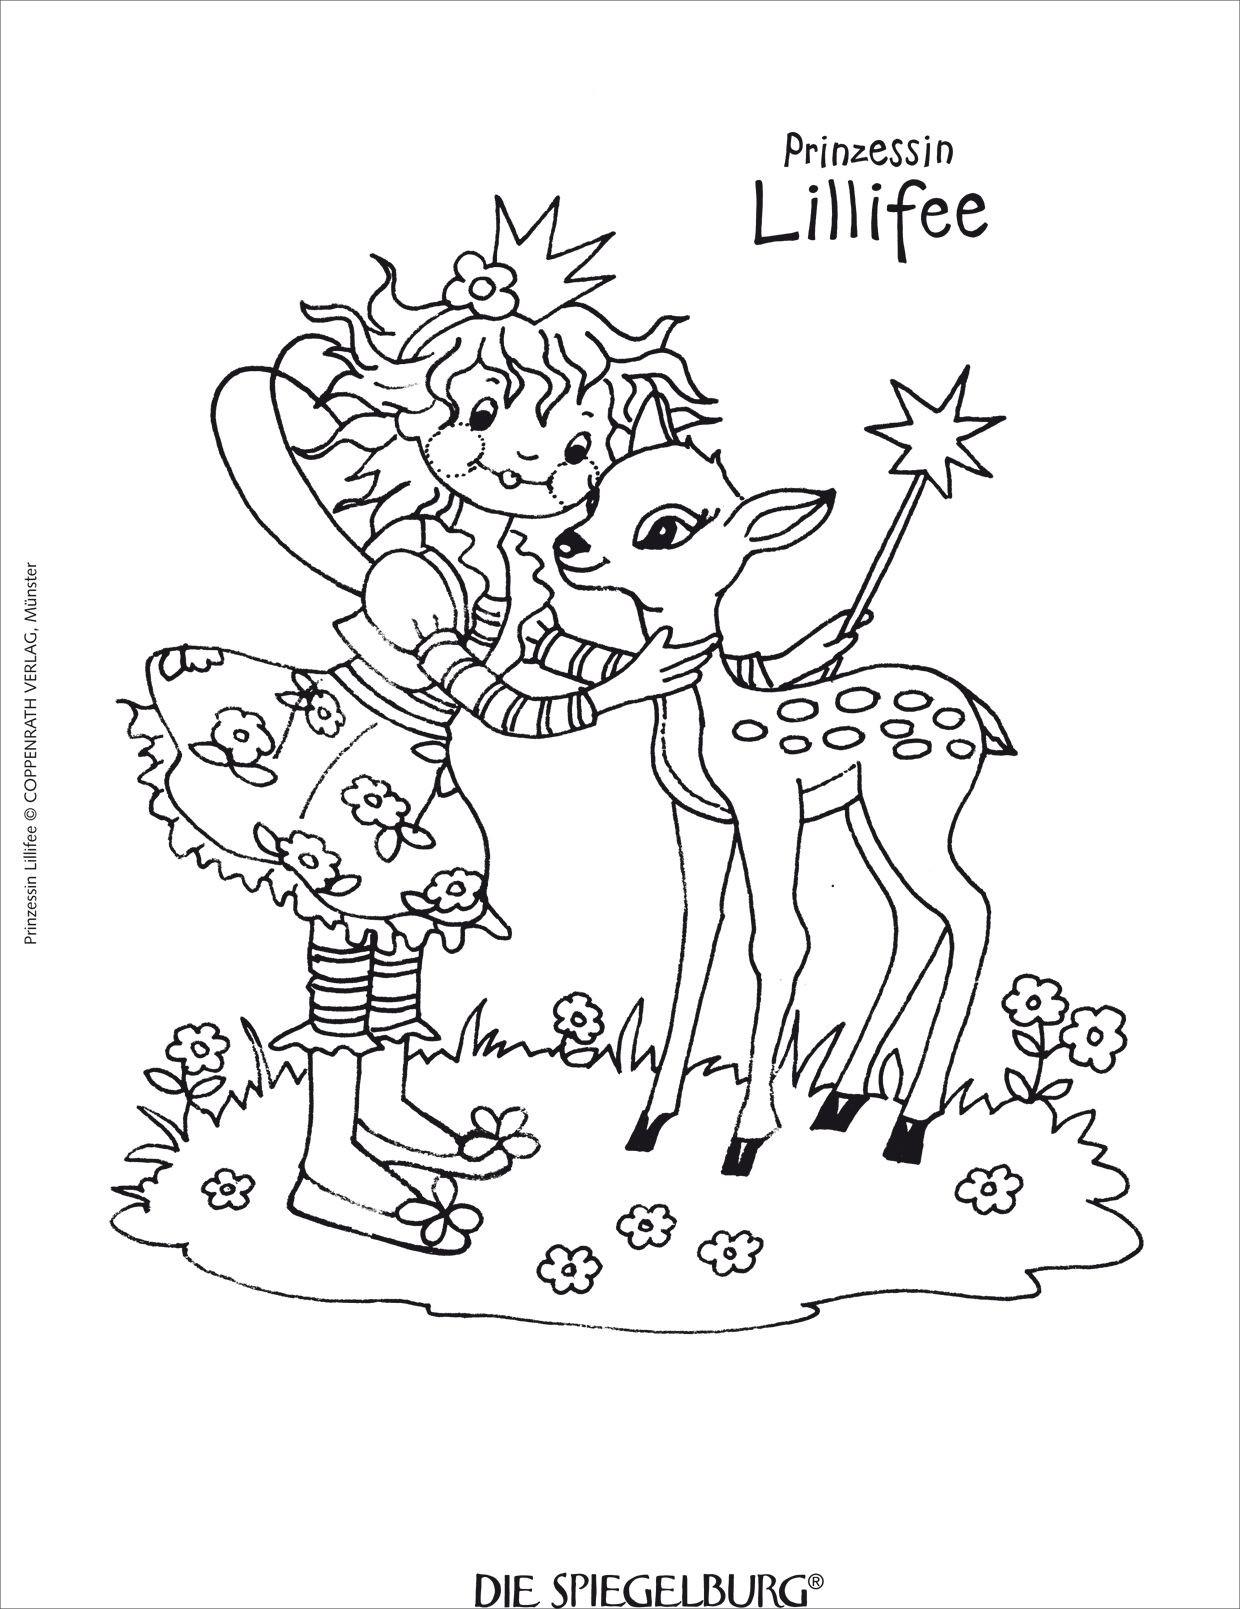 Ausmalbilder Prinzessin Vorlagen Inspirierend Prinzessin Lillifee Ausmalbilder Und Malvorlagen Thdr Das Bild